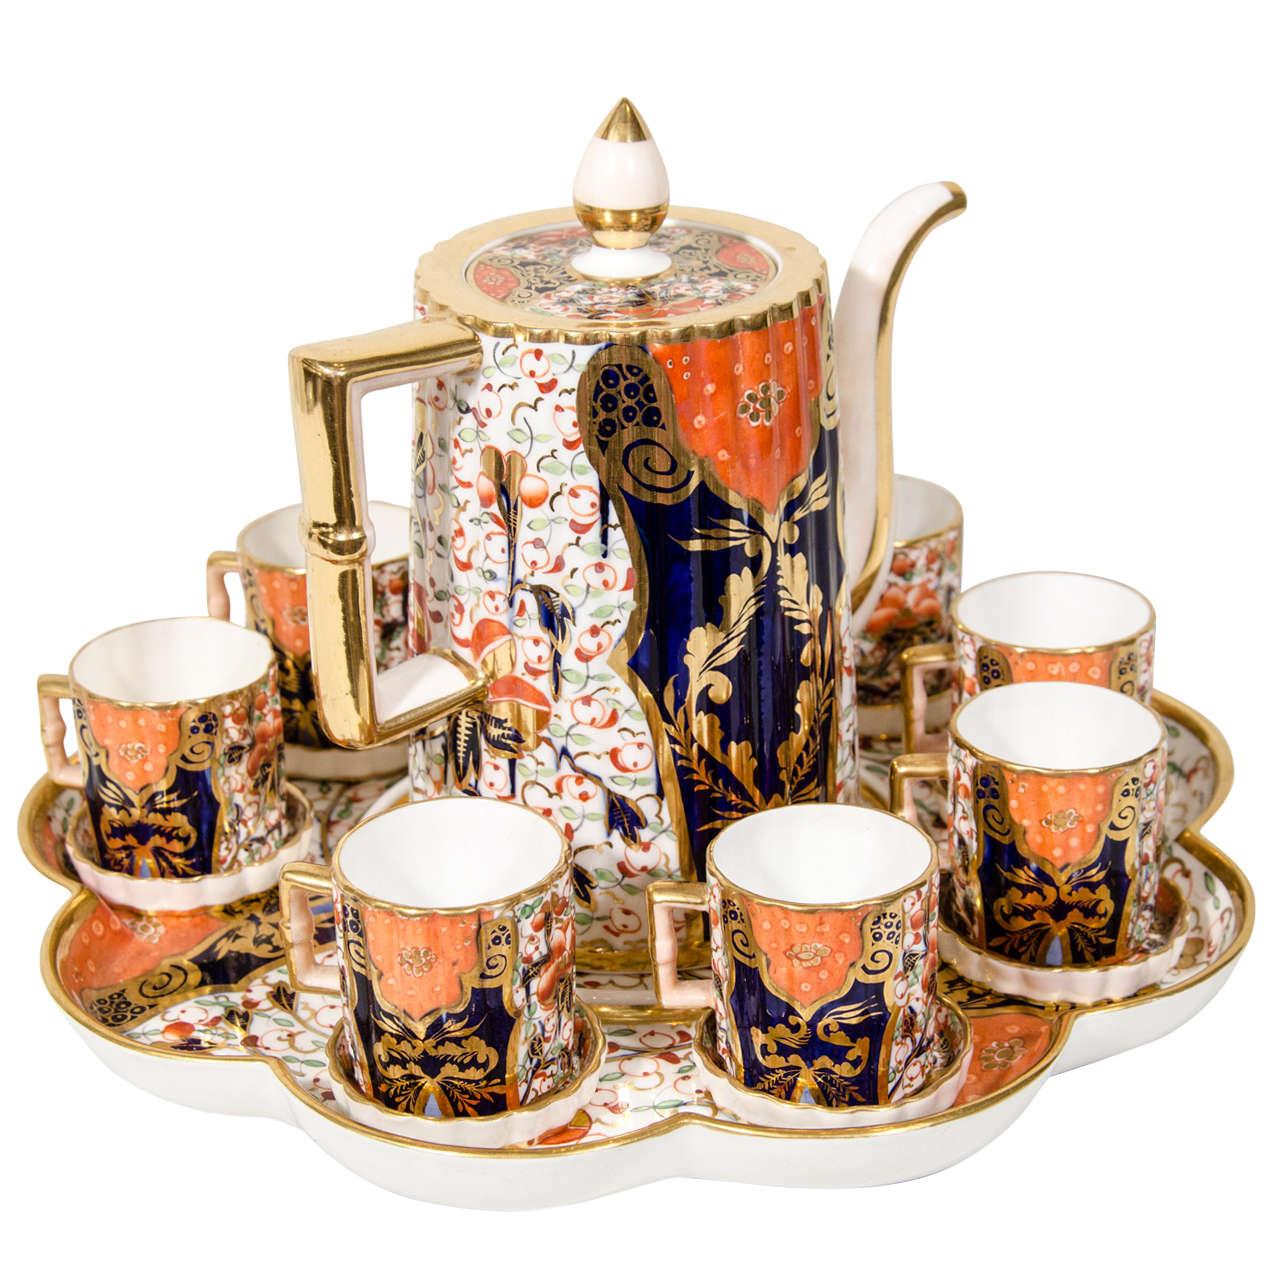 An Antique English Demitasse Coffee Set At 1stdibs